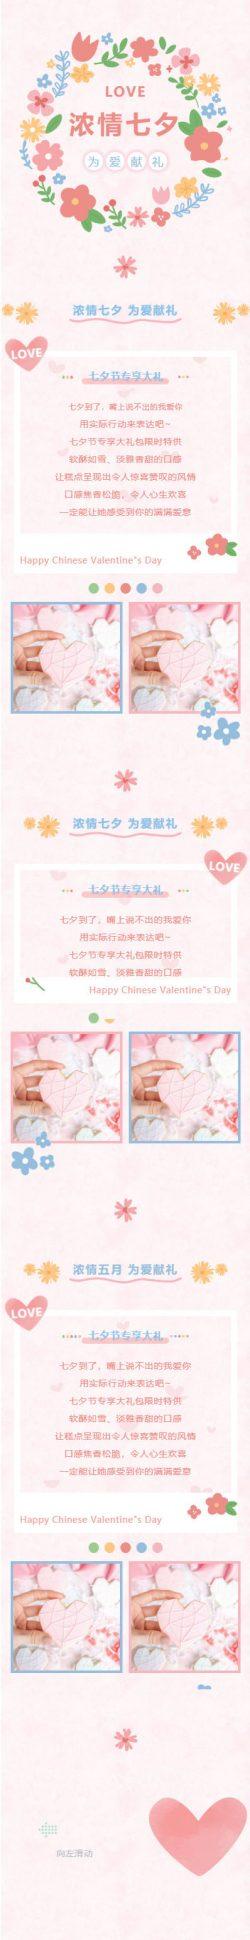 微信公众号七夕节推文模板订阅号服务号情人节推送文章素材图片资料